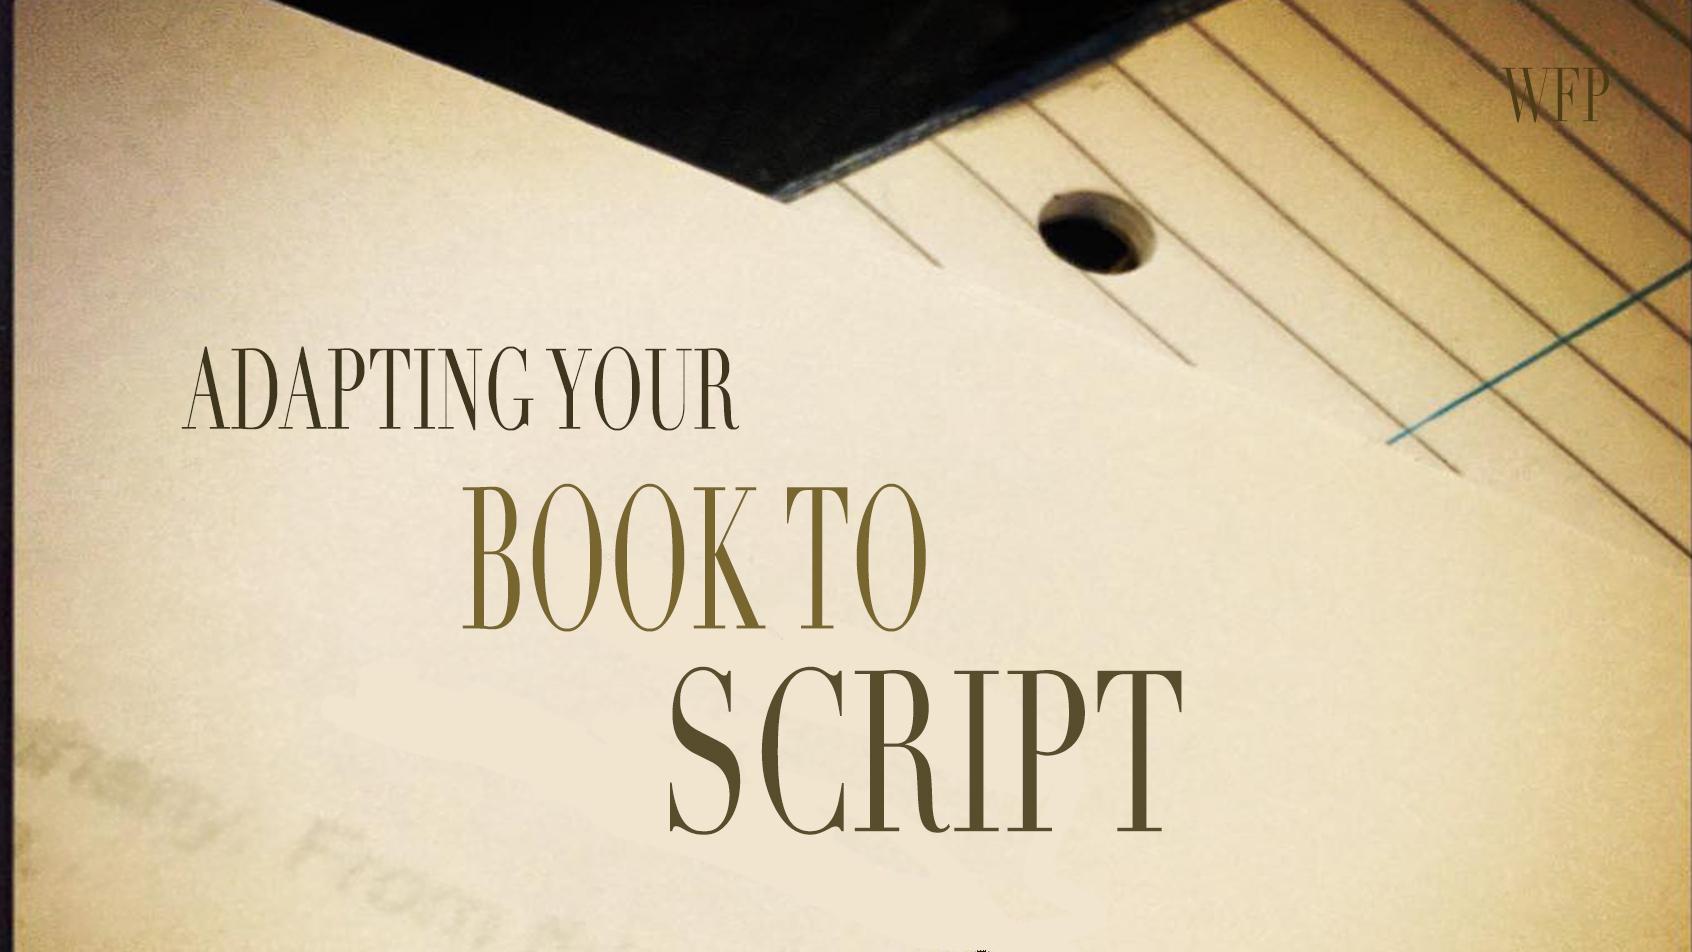 Book to Script